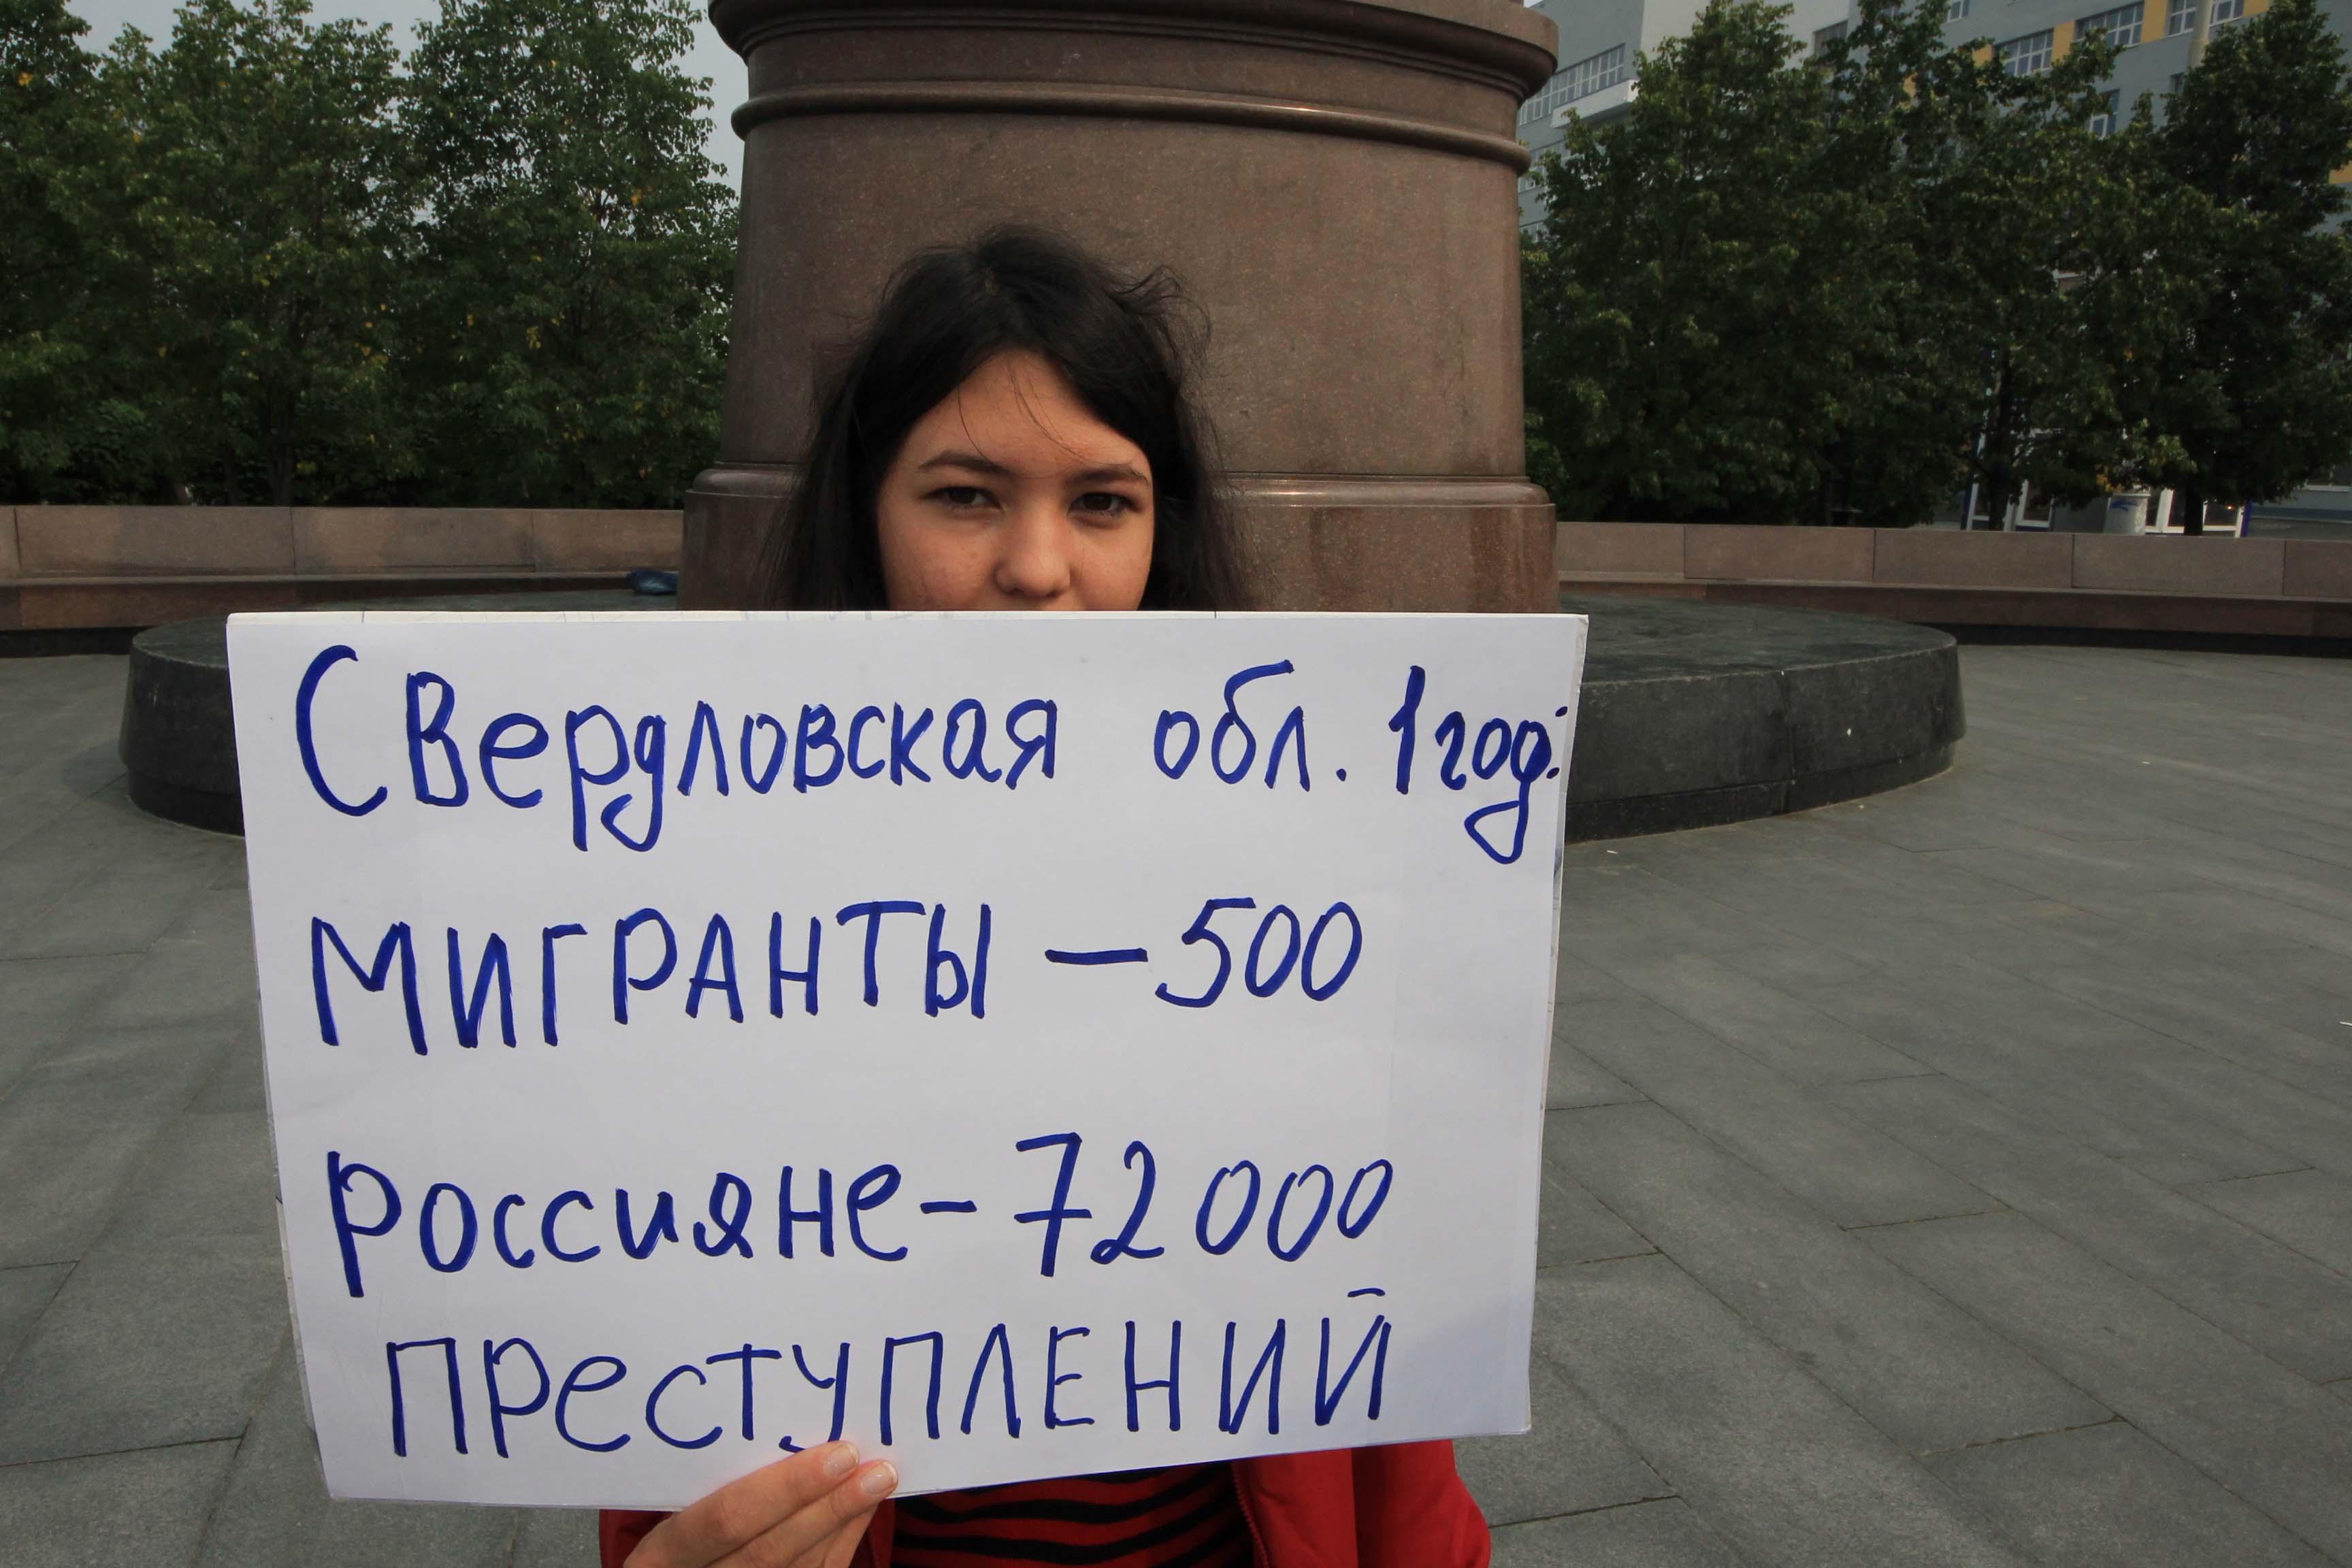 «Работу всем, концлагерь — полицаям!» В Екатеринбурге прошел пикет в защиту мигрантов